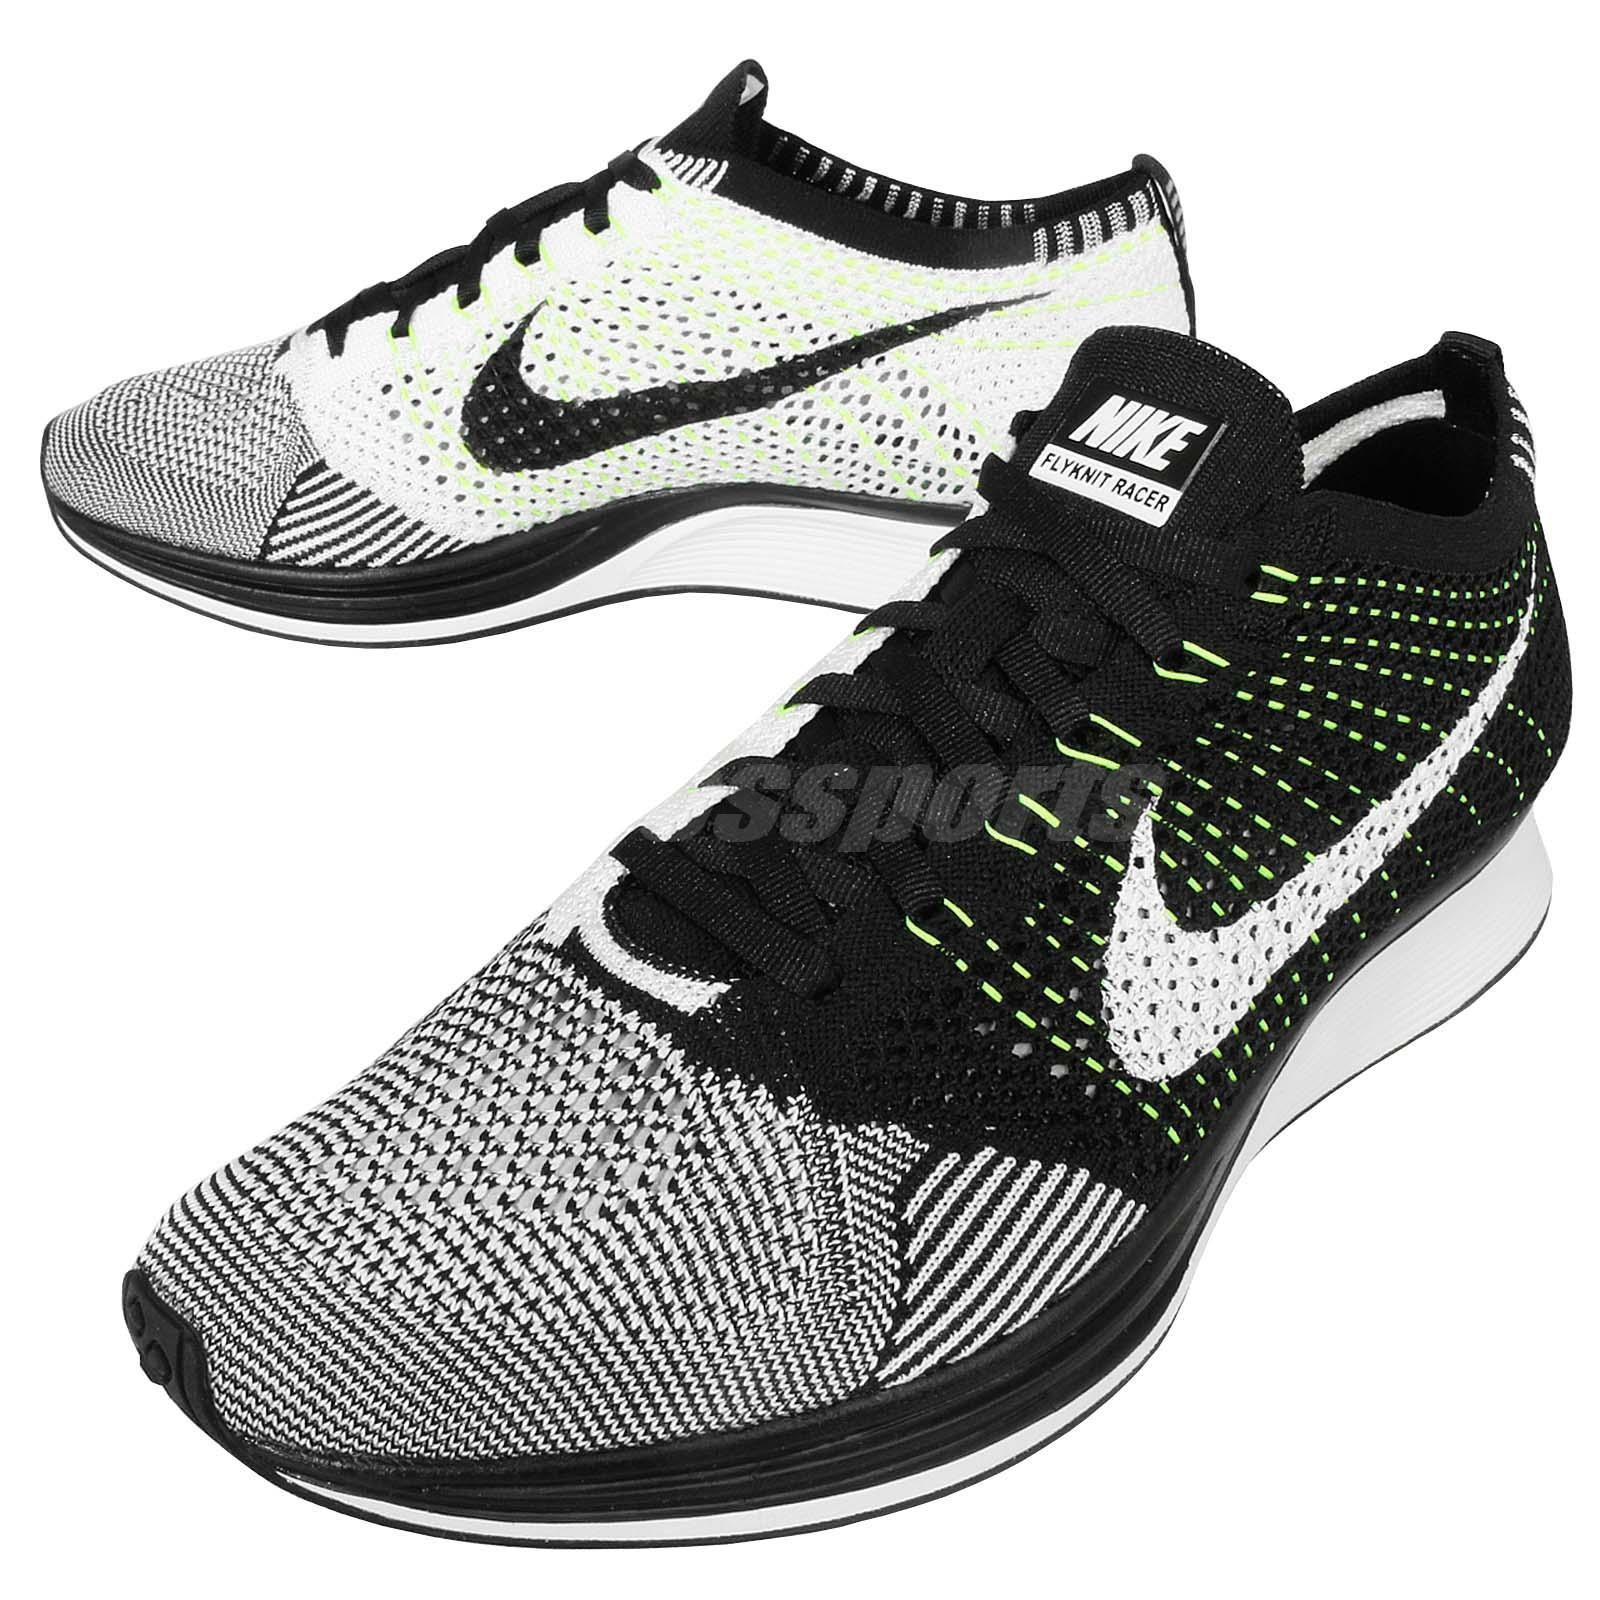 Nike Flyknit Racer Black White Volt Mens Running Shoes ...